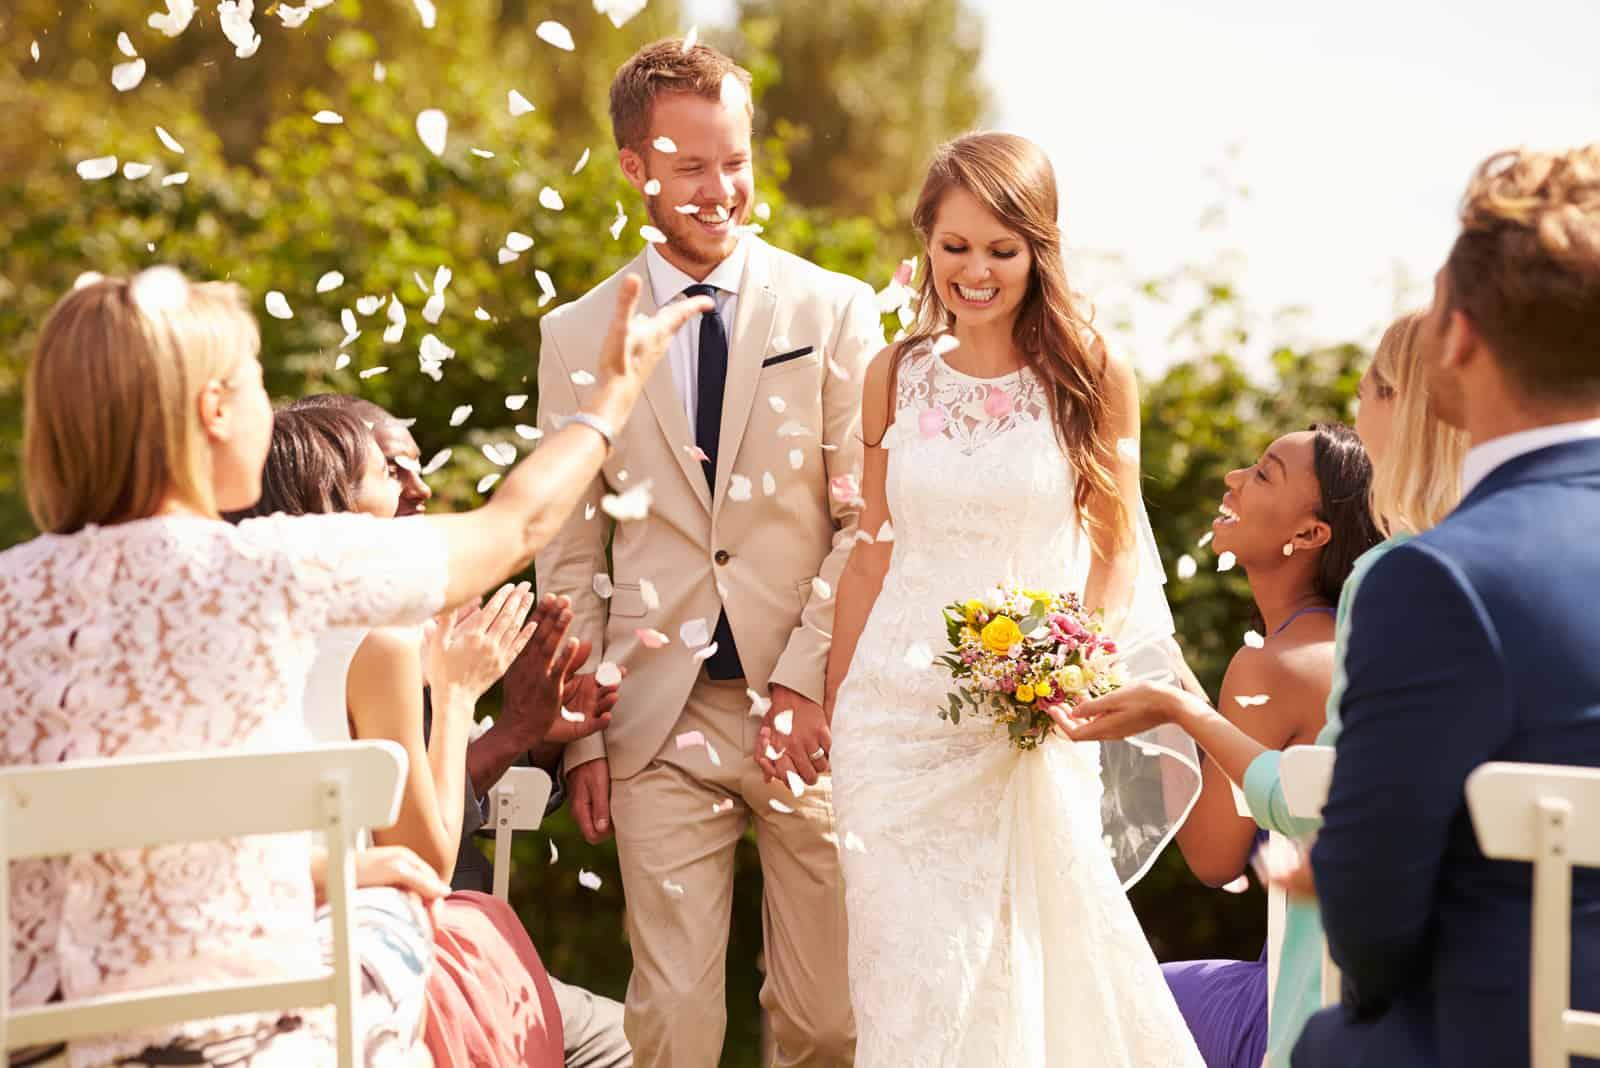 Gäste werfen Konfetti über Braut und Bräutigam bei der Hochzeit